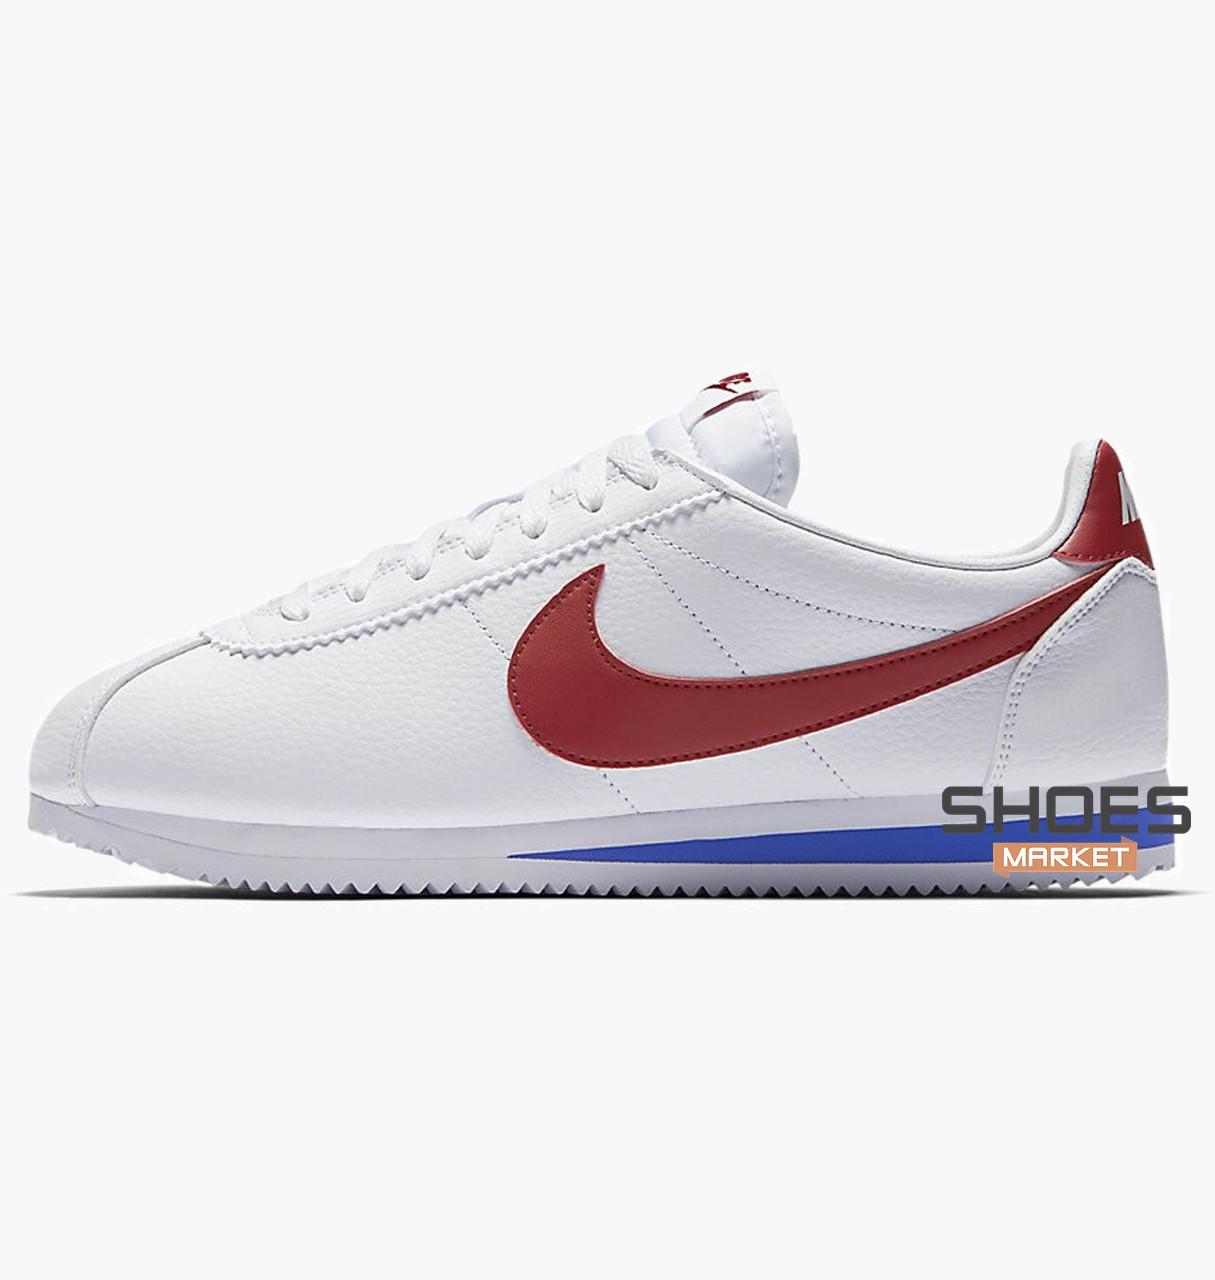 """Мужские кроссовки Nike Classic Cortez Leather """"Forrest Gump"""" 749571-154 Оригинал"""